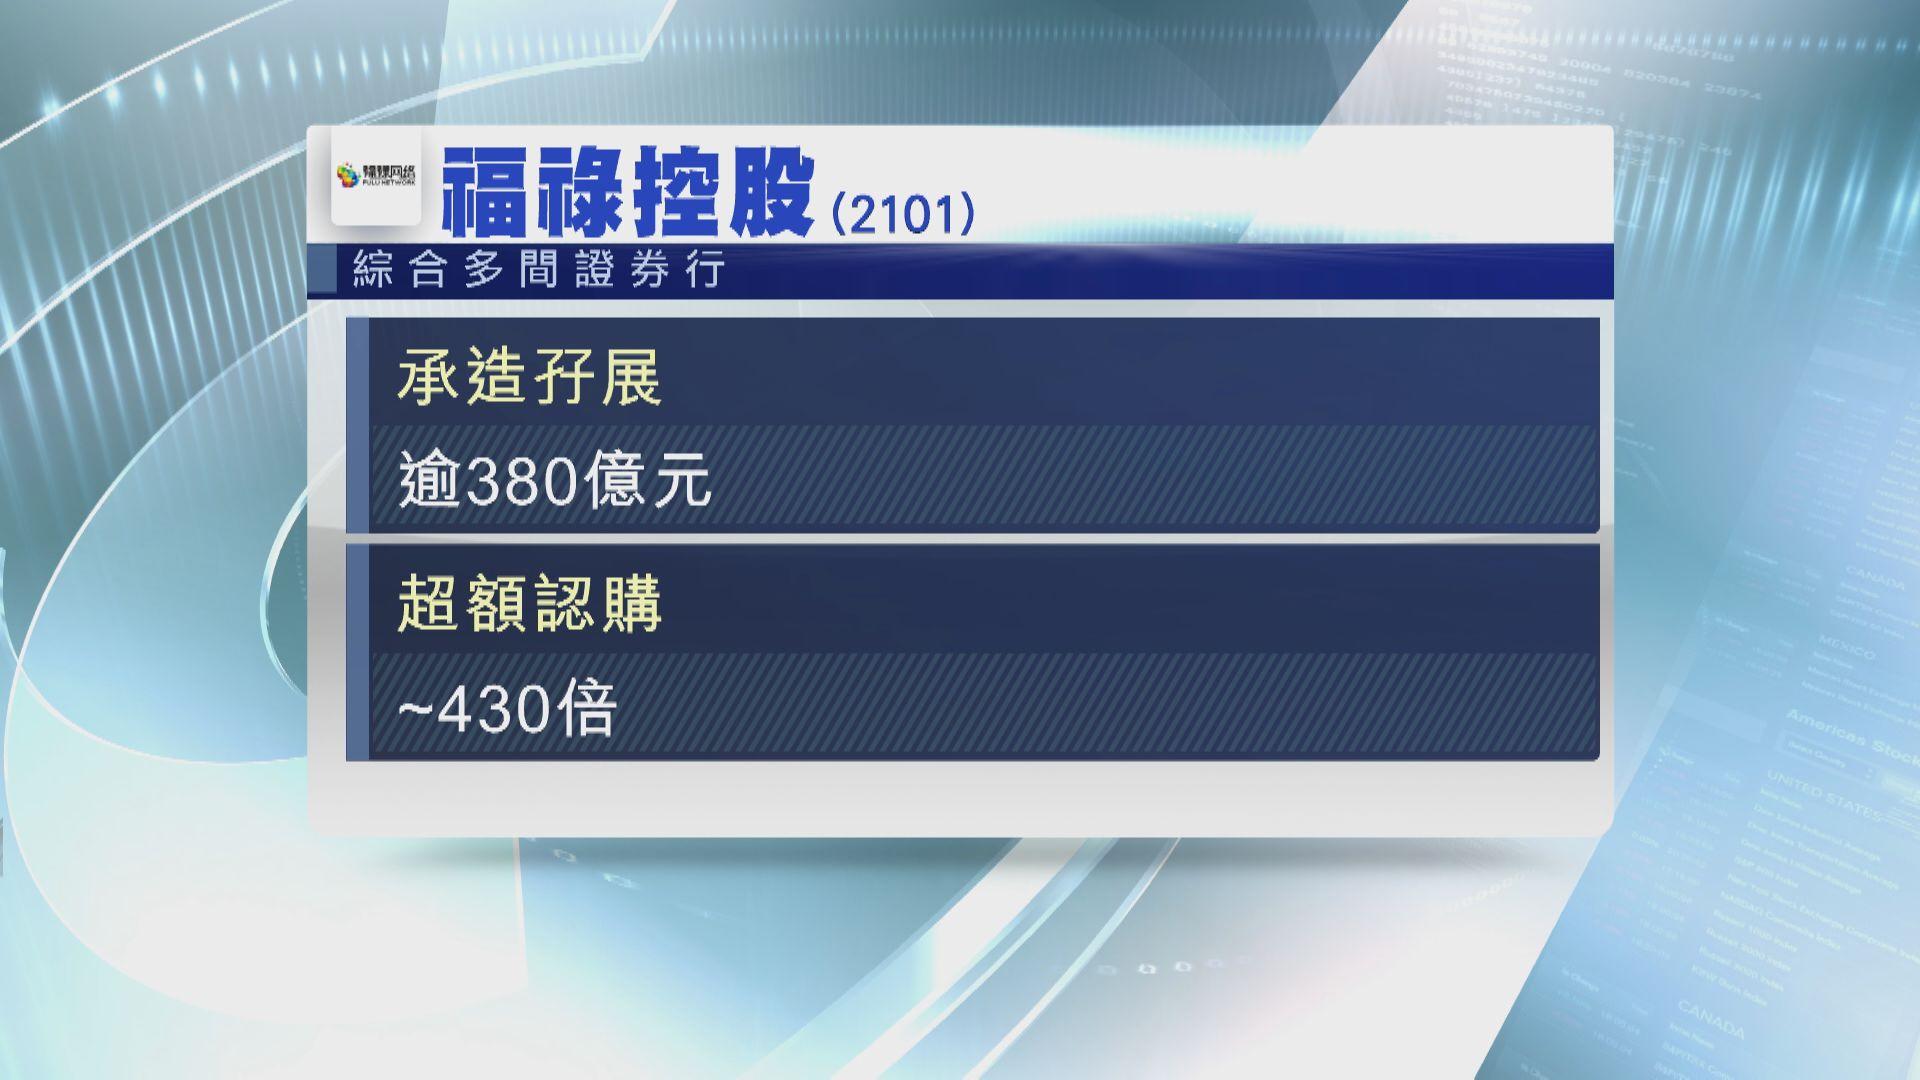 福祿控股第三日公開招股 孖展反應升溫